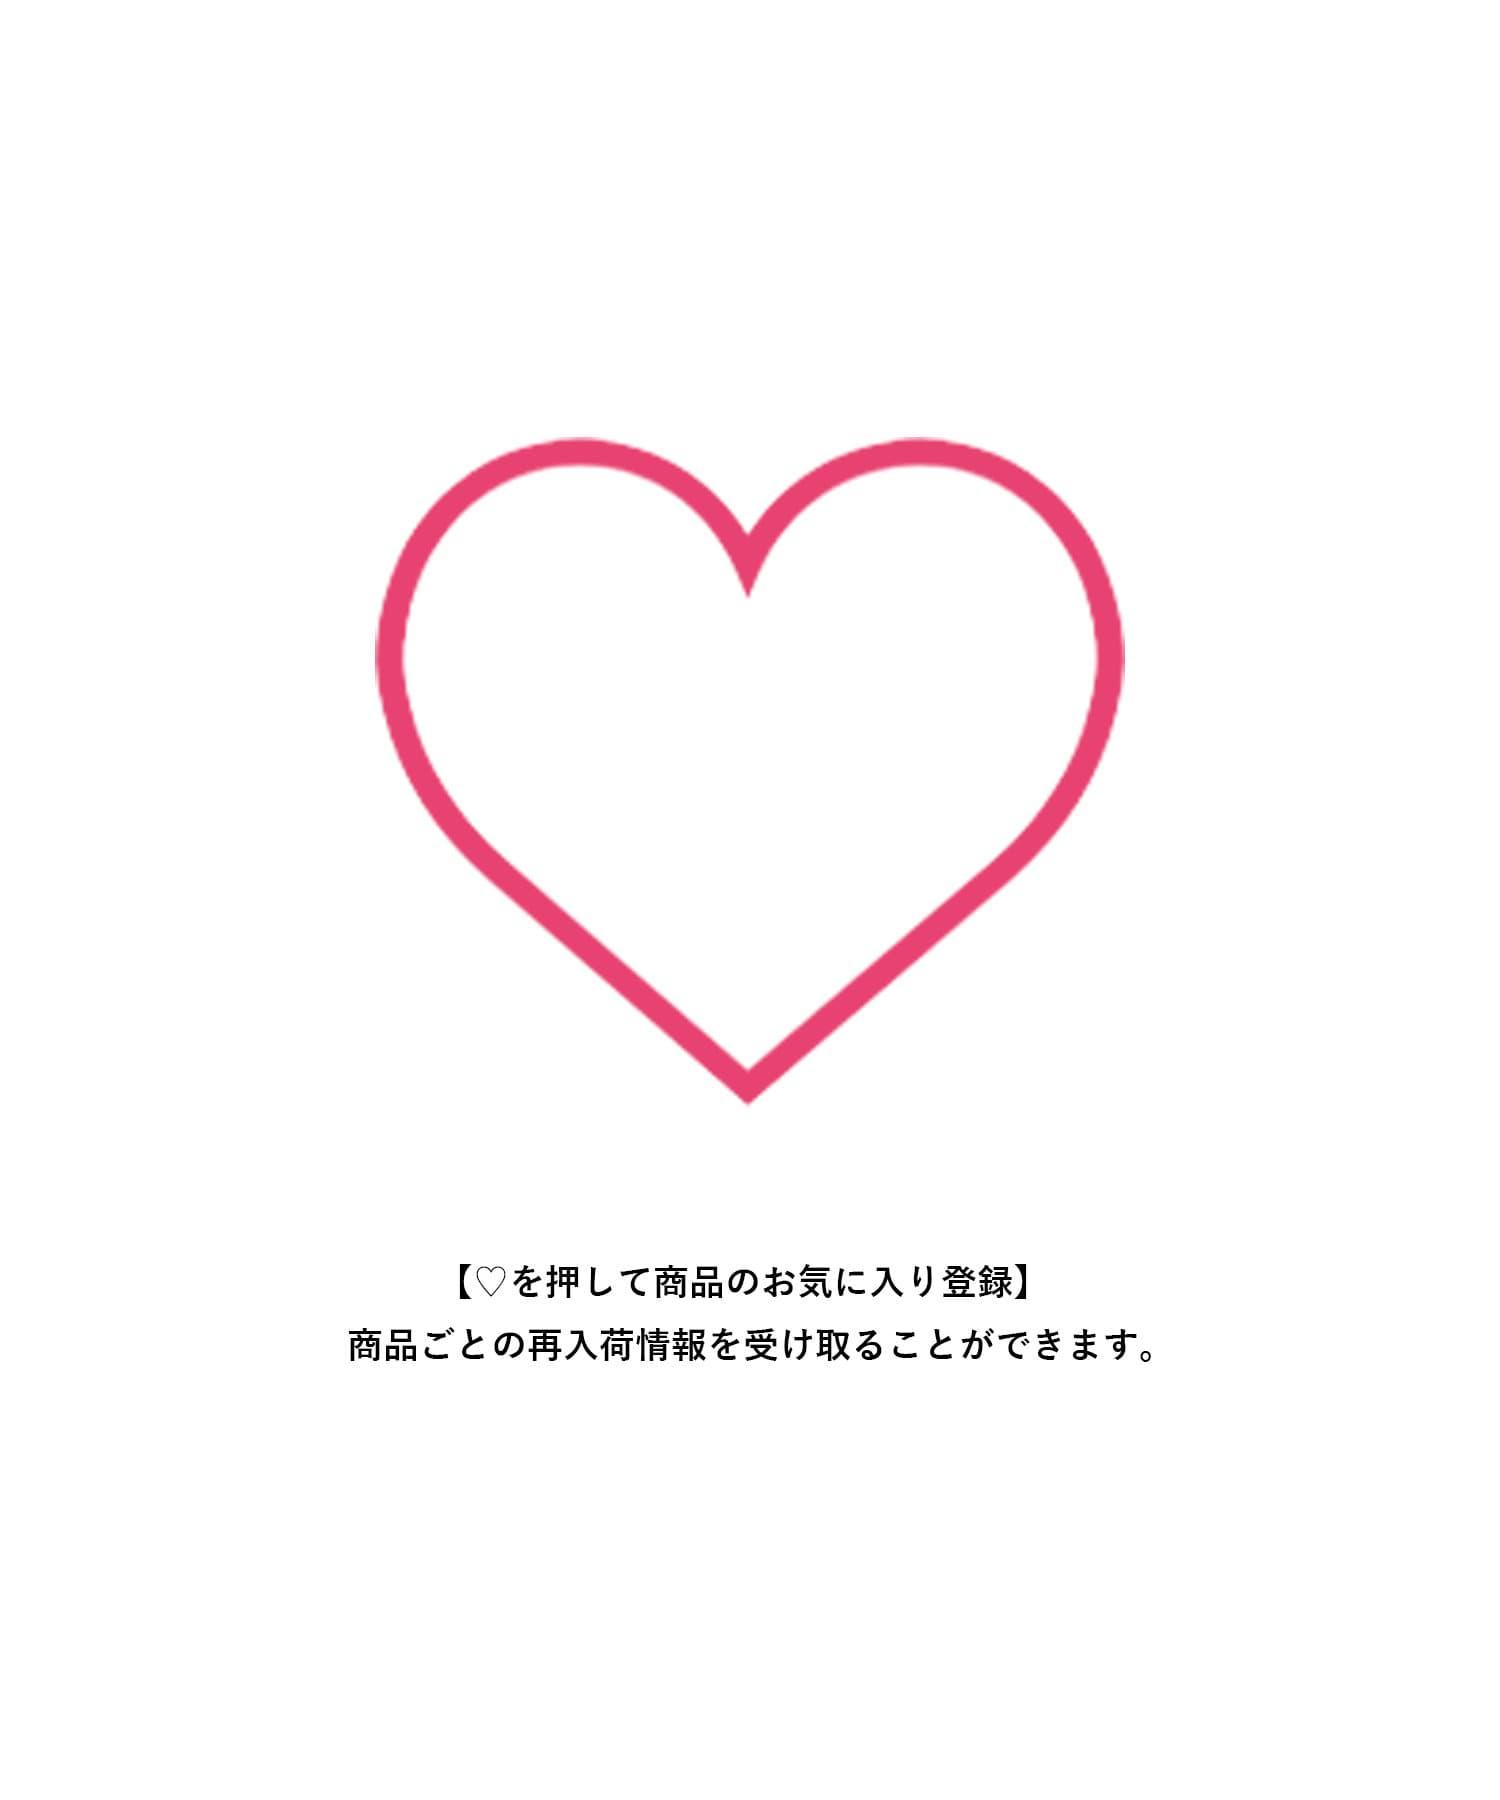 COLLAGE GALLARDAGALANTE(コラージュ ガリャルダガランテ) 【PAPILLONNER】【交差する艶めき】ツインパールネックレス